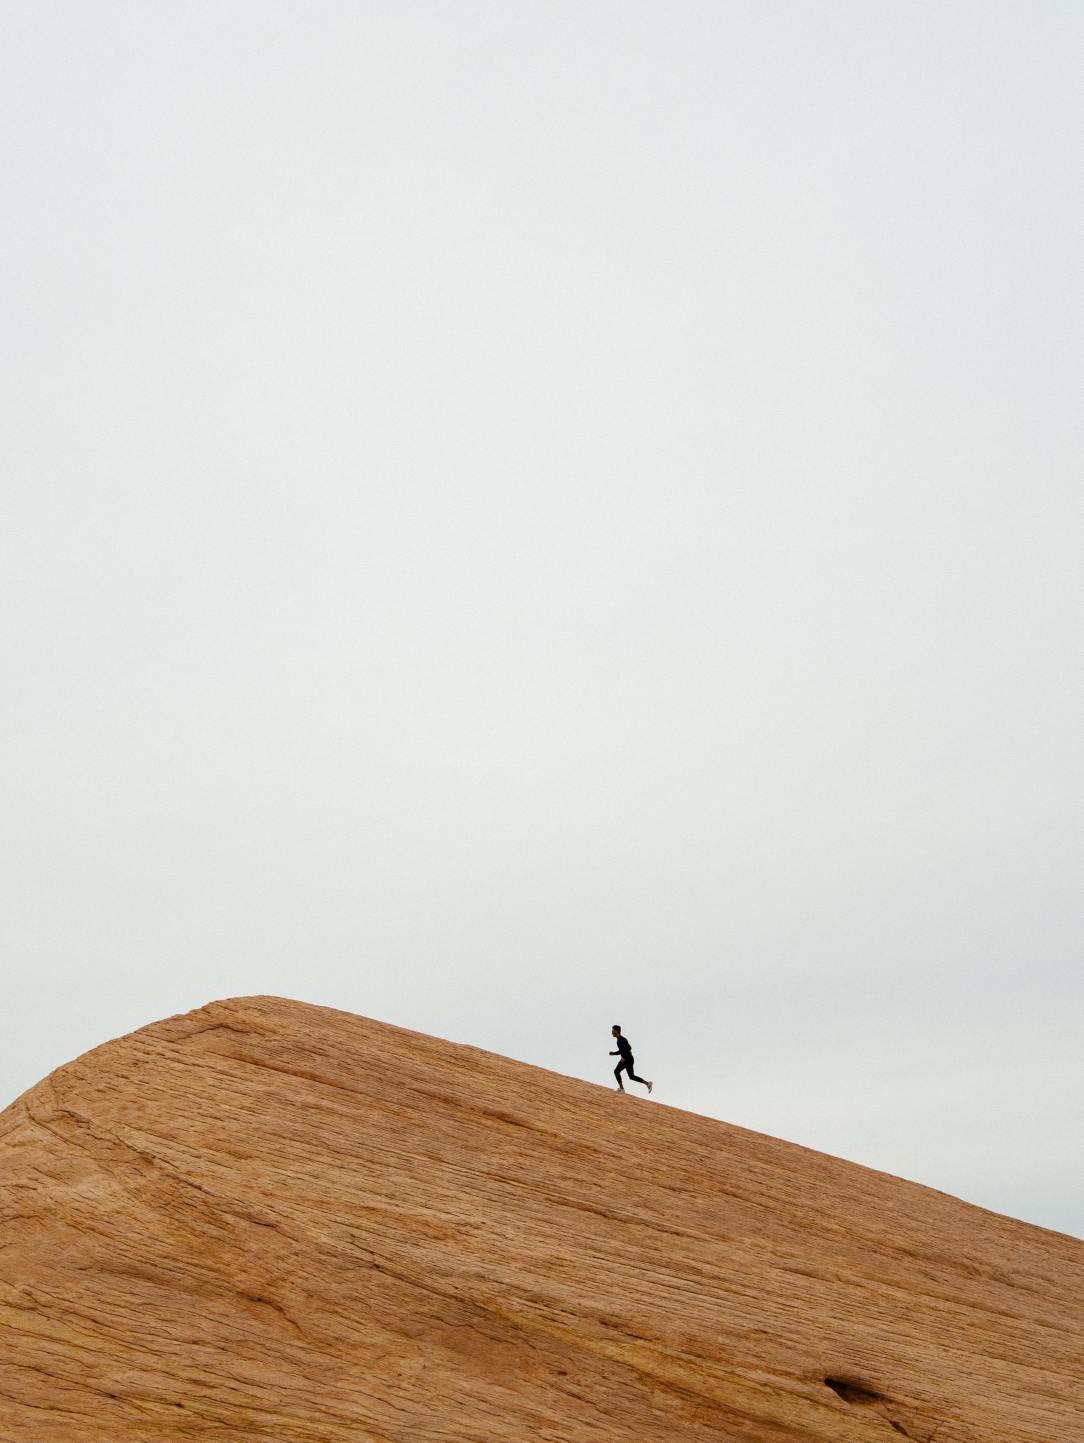 A person running on a desert hill